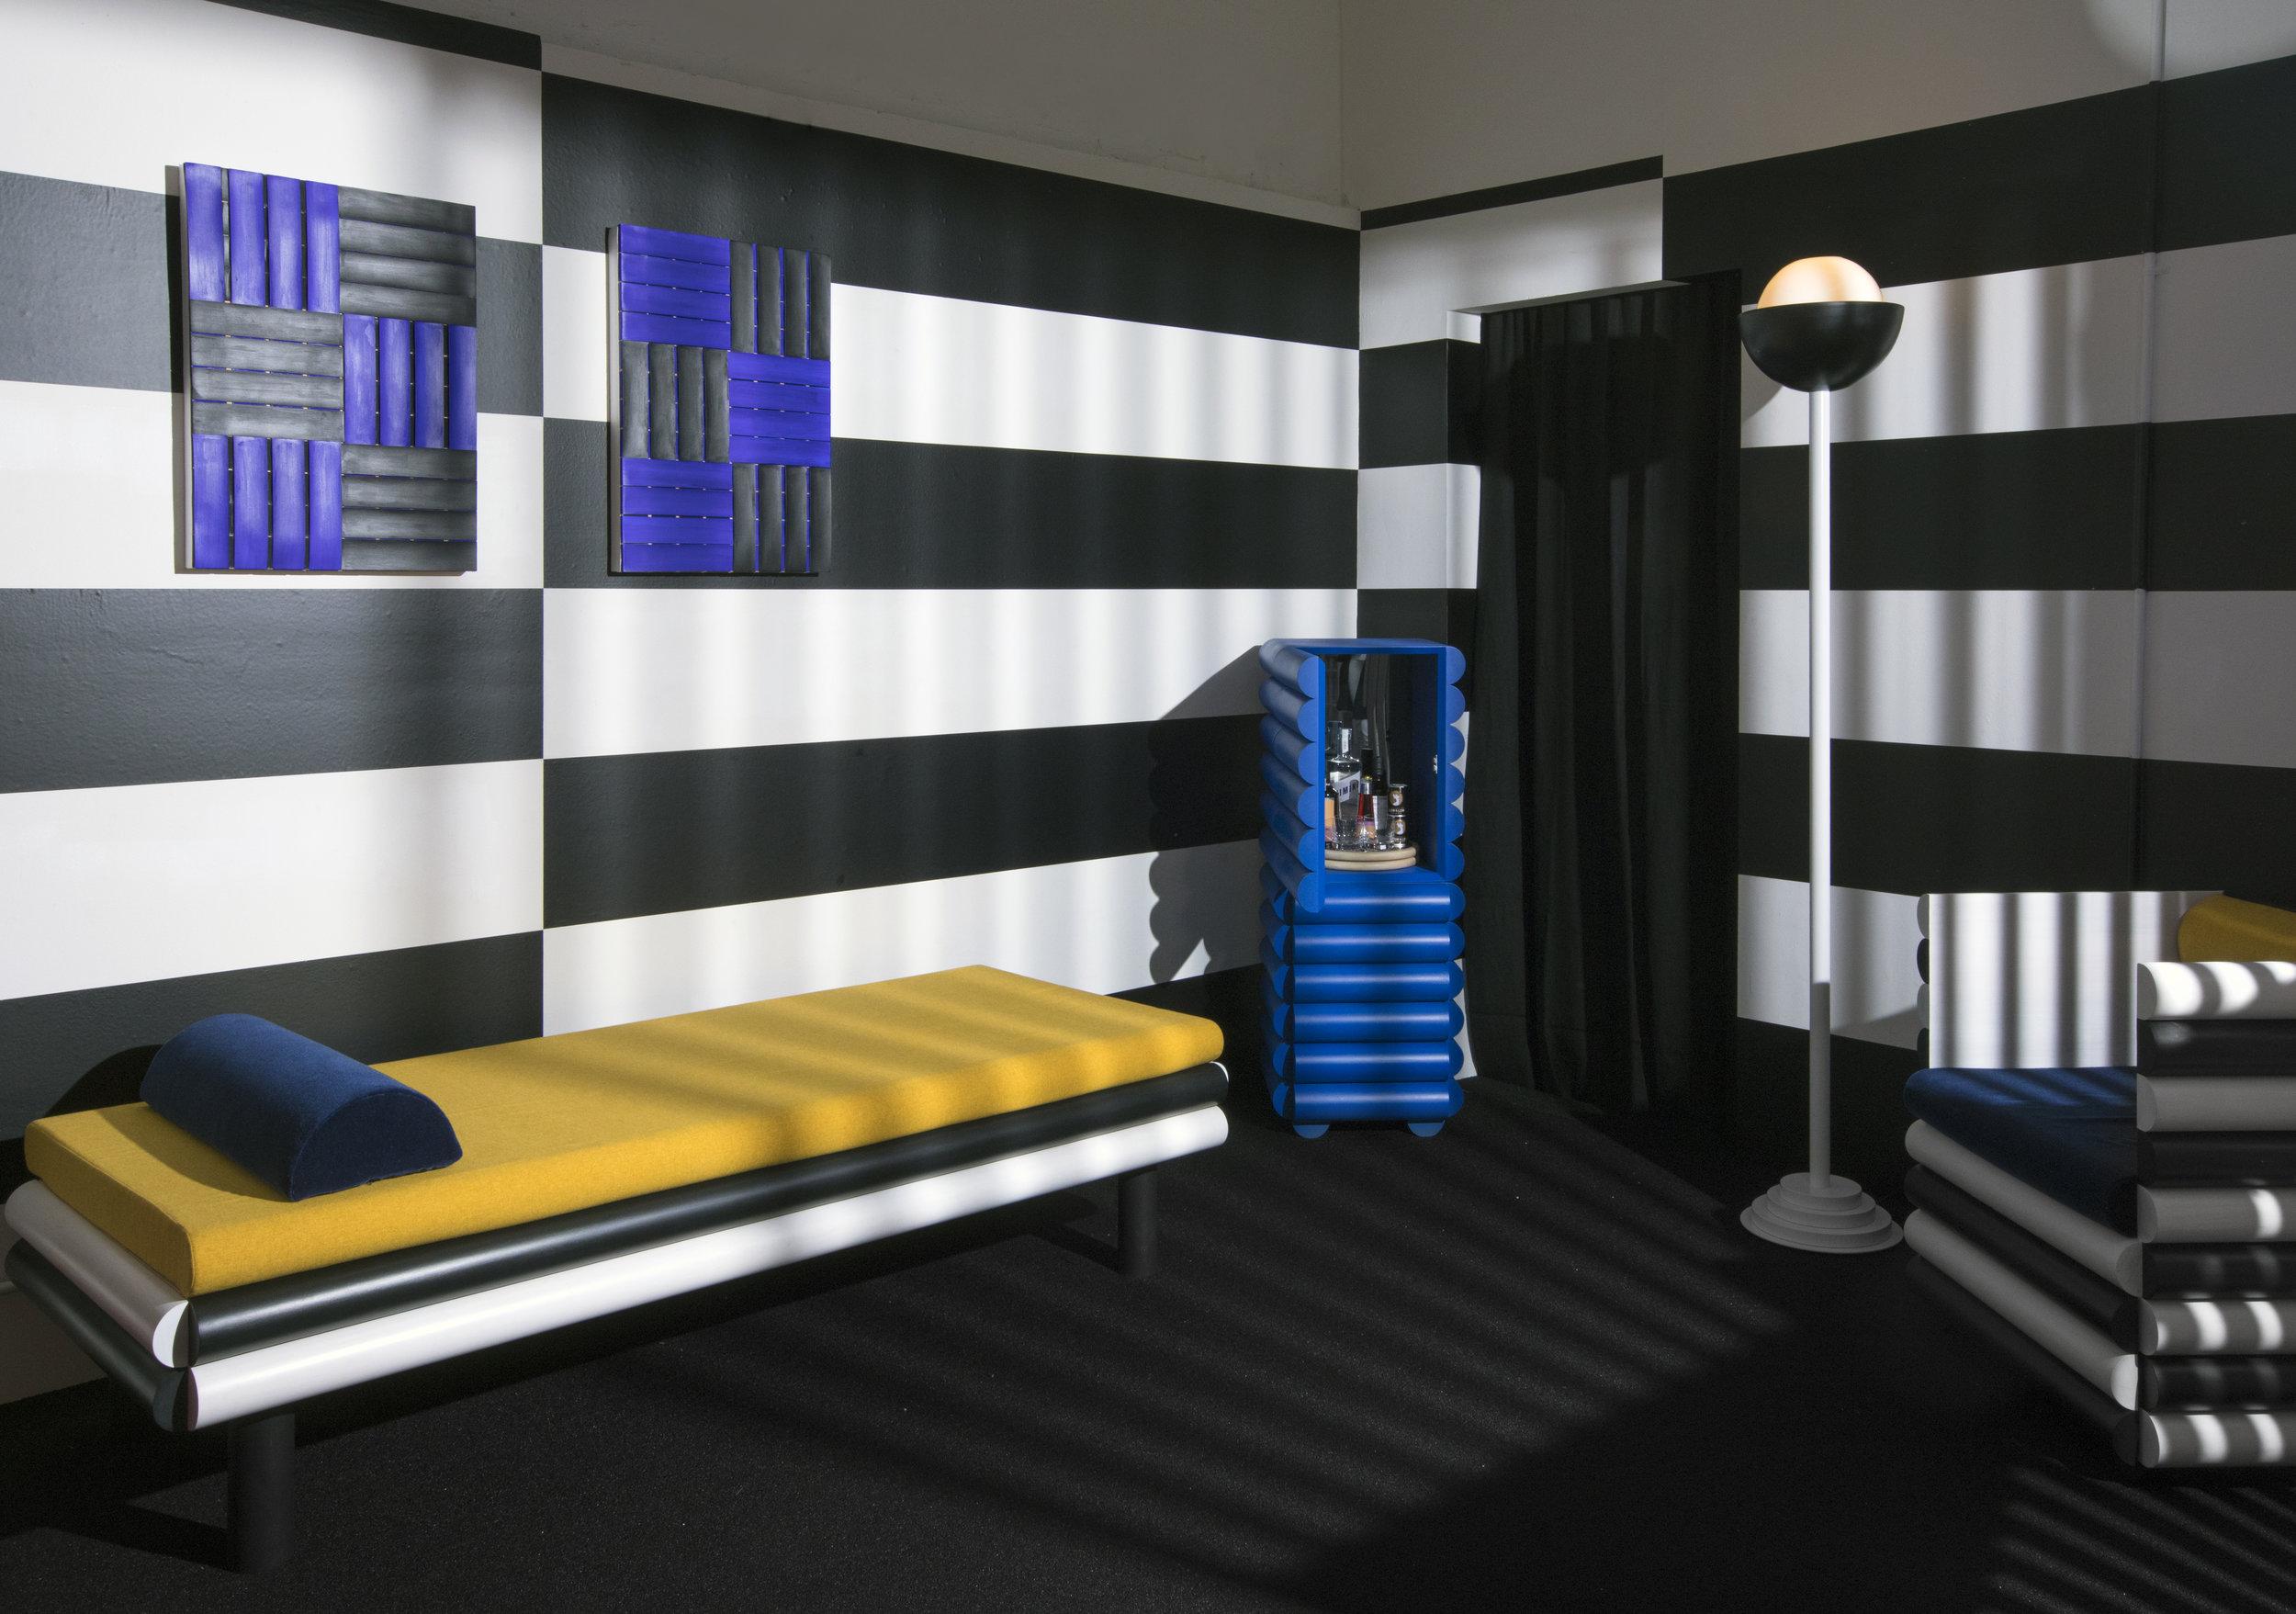 Hotel Tonight_Steven Bukowski x Hannah Bigeleisen_credit Charlie Schuck8.jpg